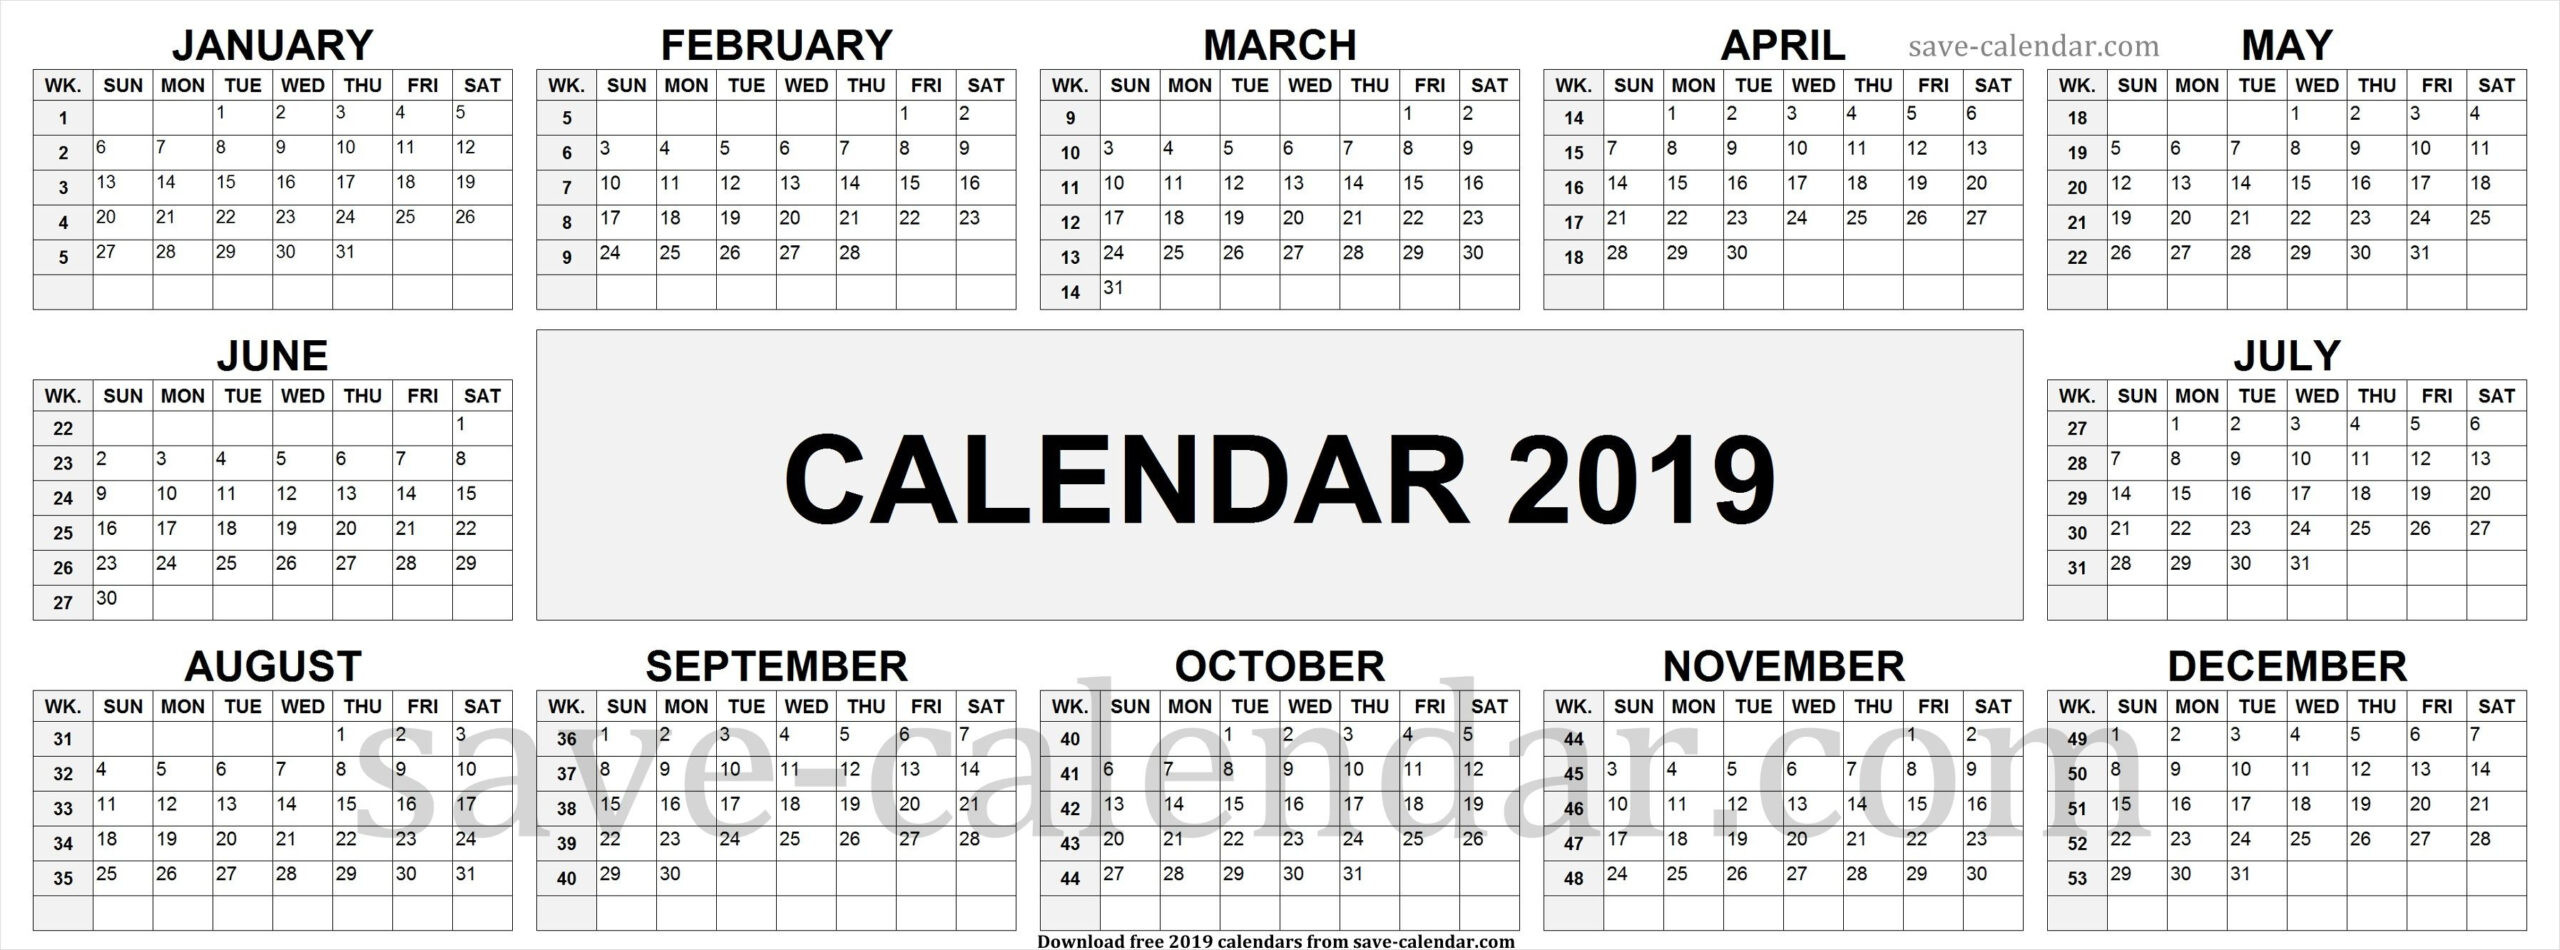 Yearly Week Number Calendar Excel   Calendar Printables-Rut In Wv 2021